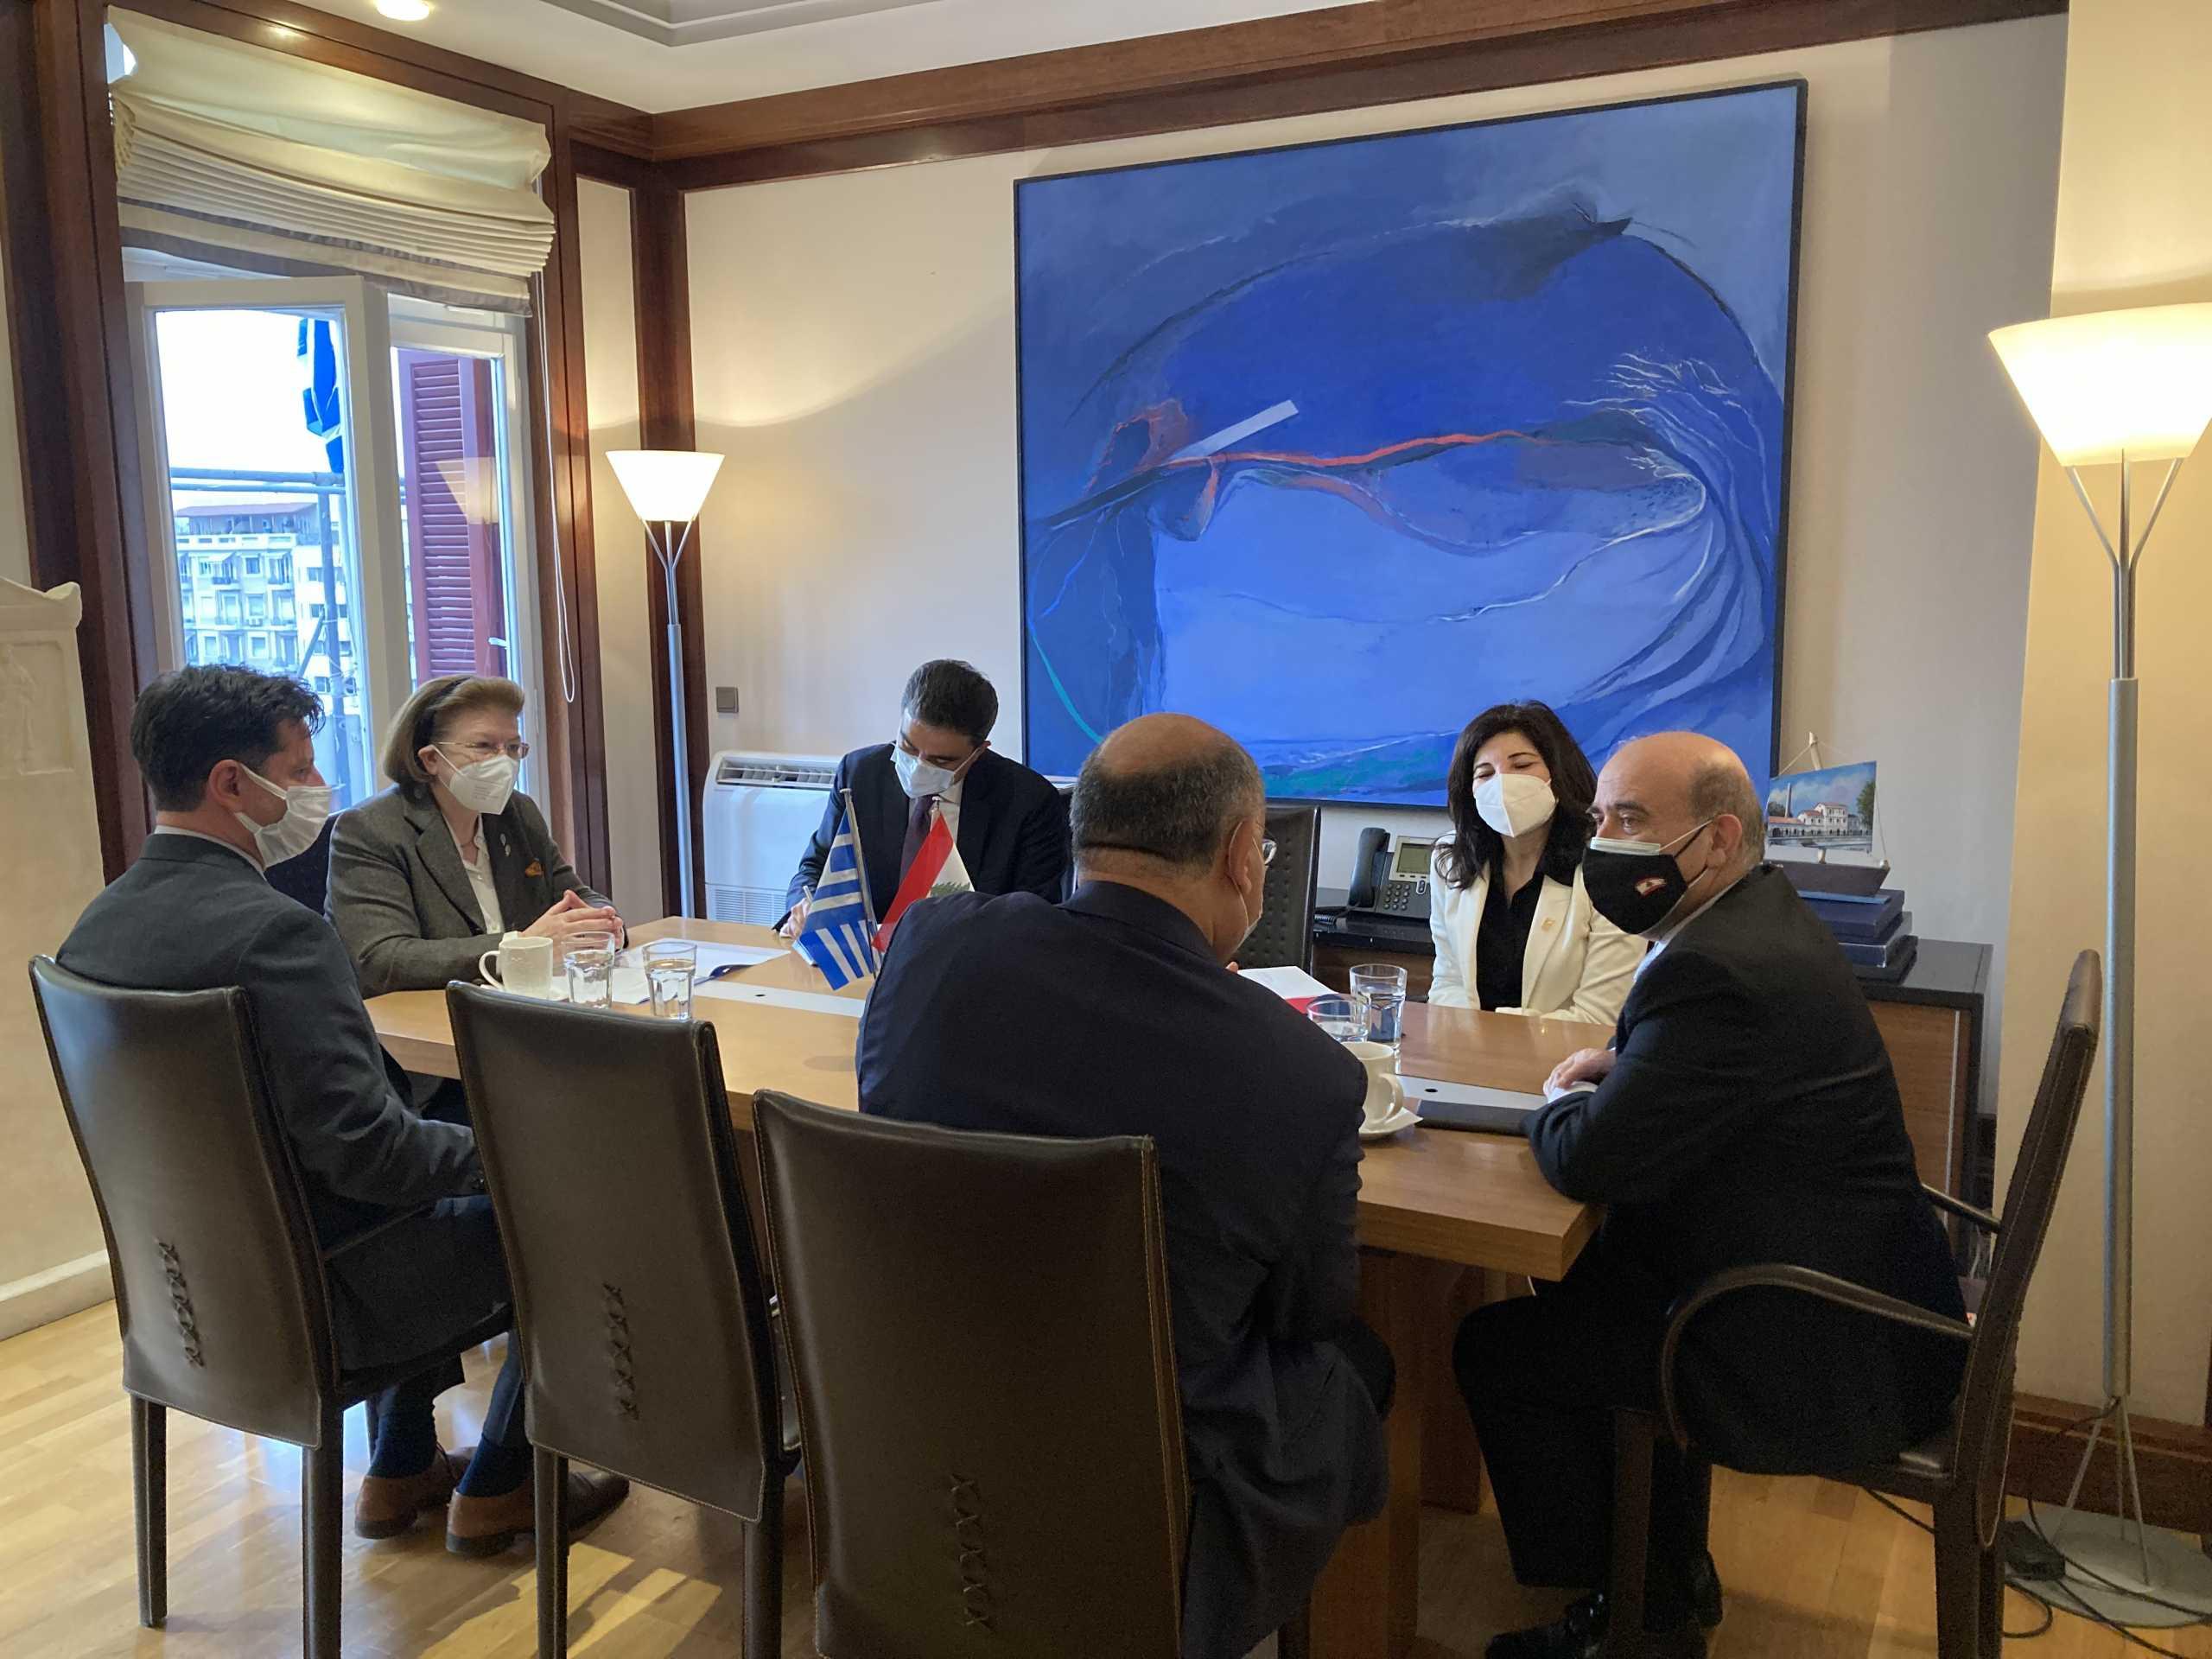 Μενδώνη: Η Ελλάδα είναι απολύτως θετική σε οποιαδήποτε πολιτιστική συνεργασία με το Λίβανο